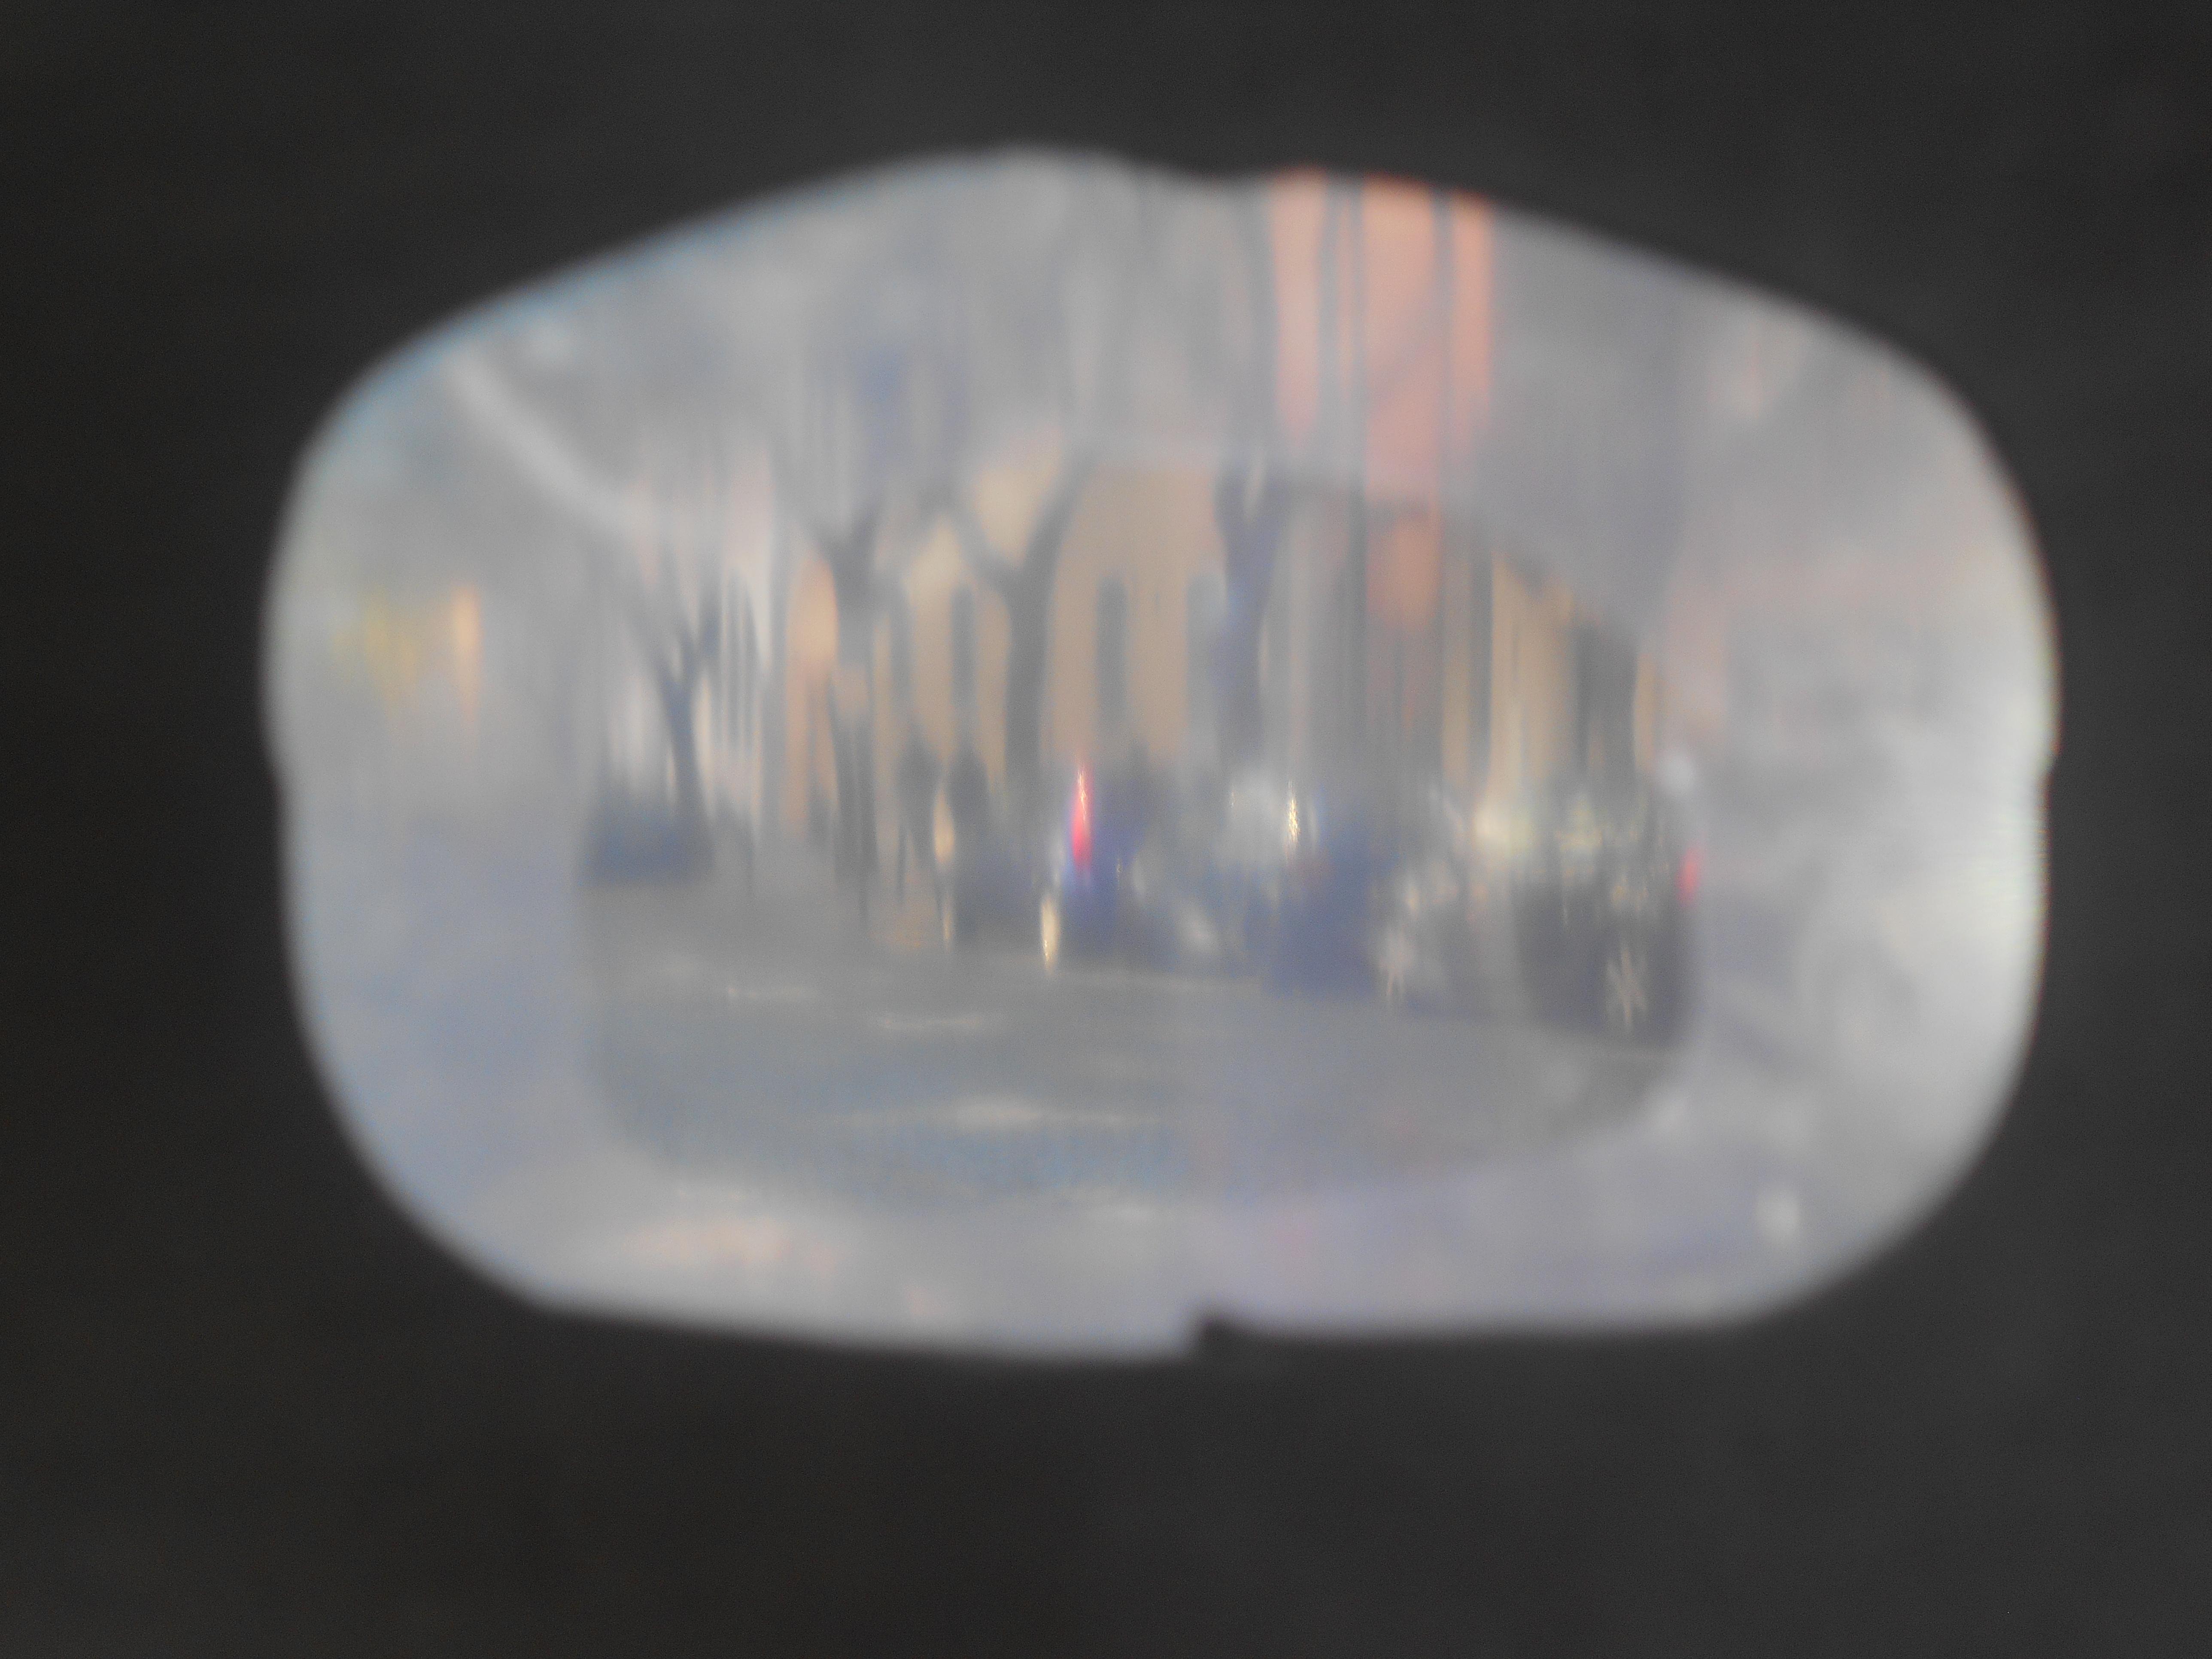 Fotografia de uma estrada com carros, do ponto de vista de quem se prepara para a atravessar, desfocada.